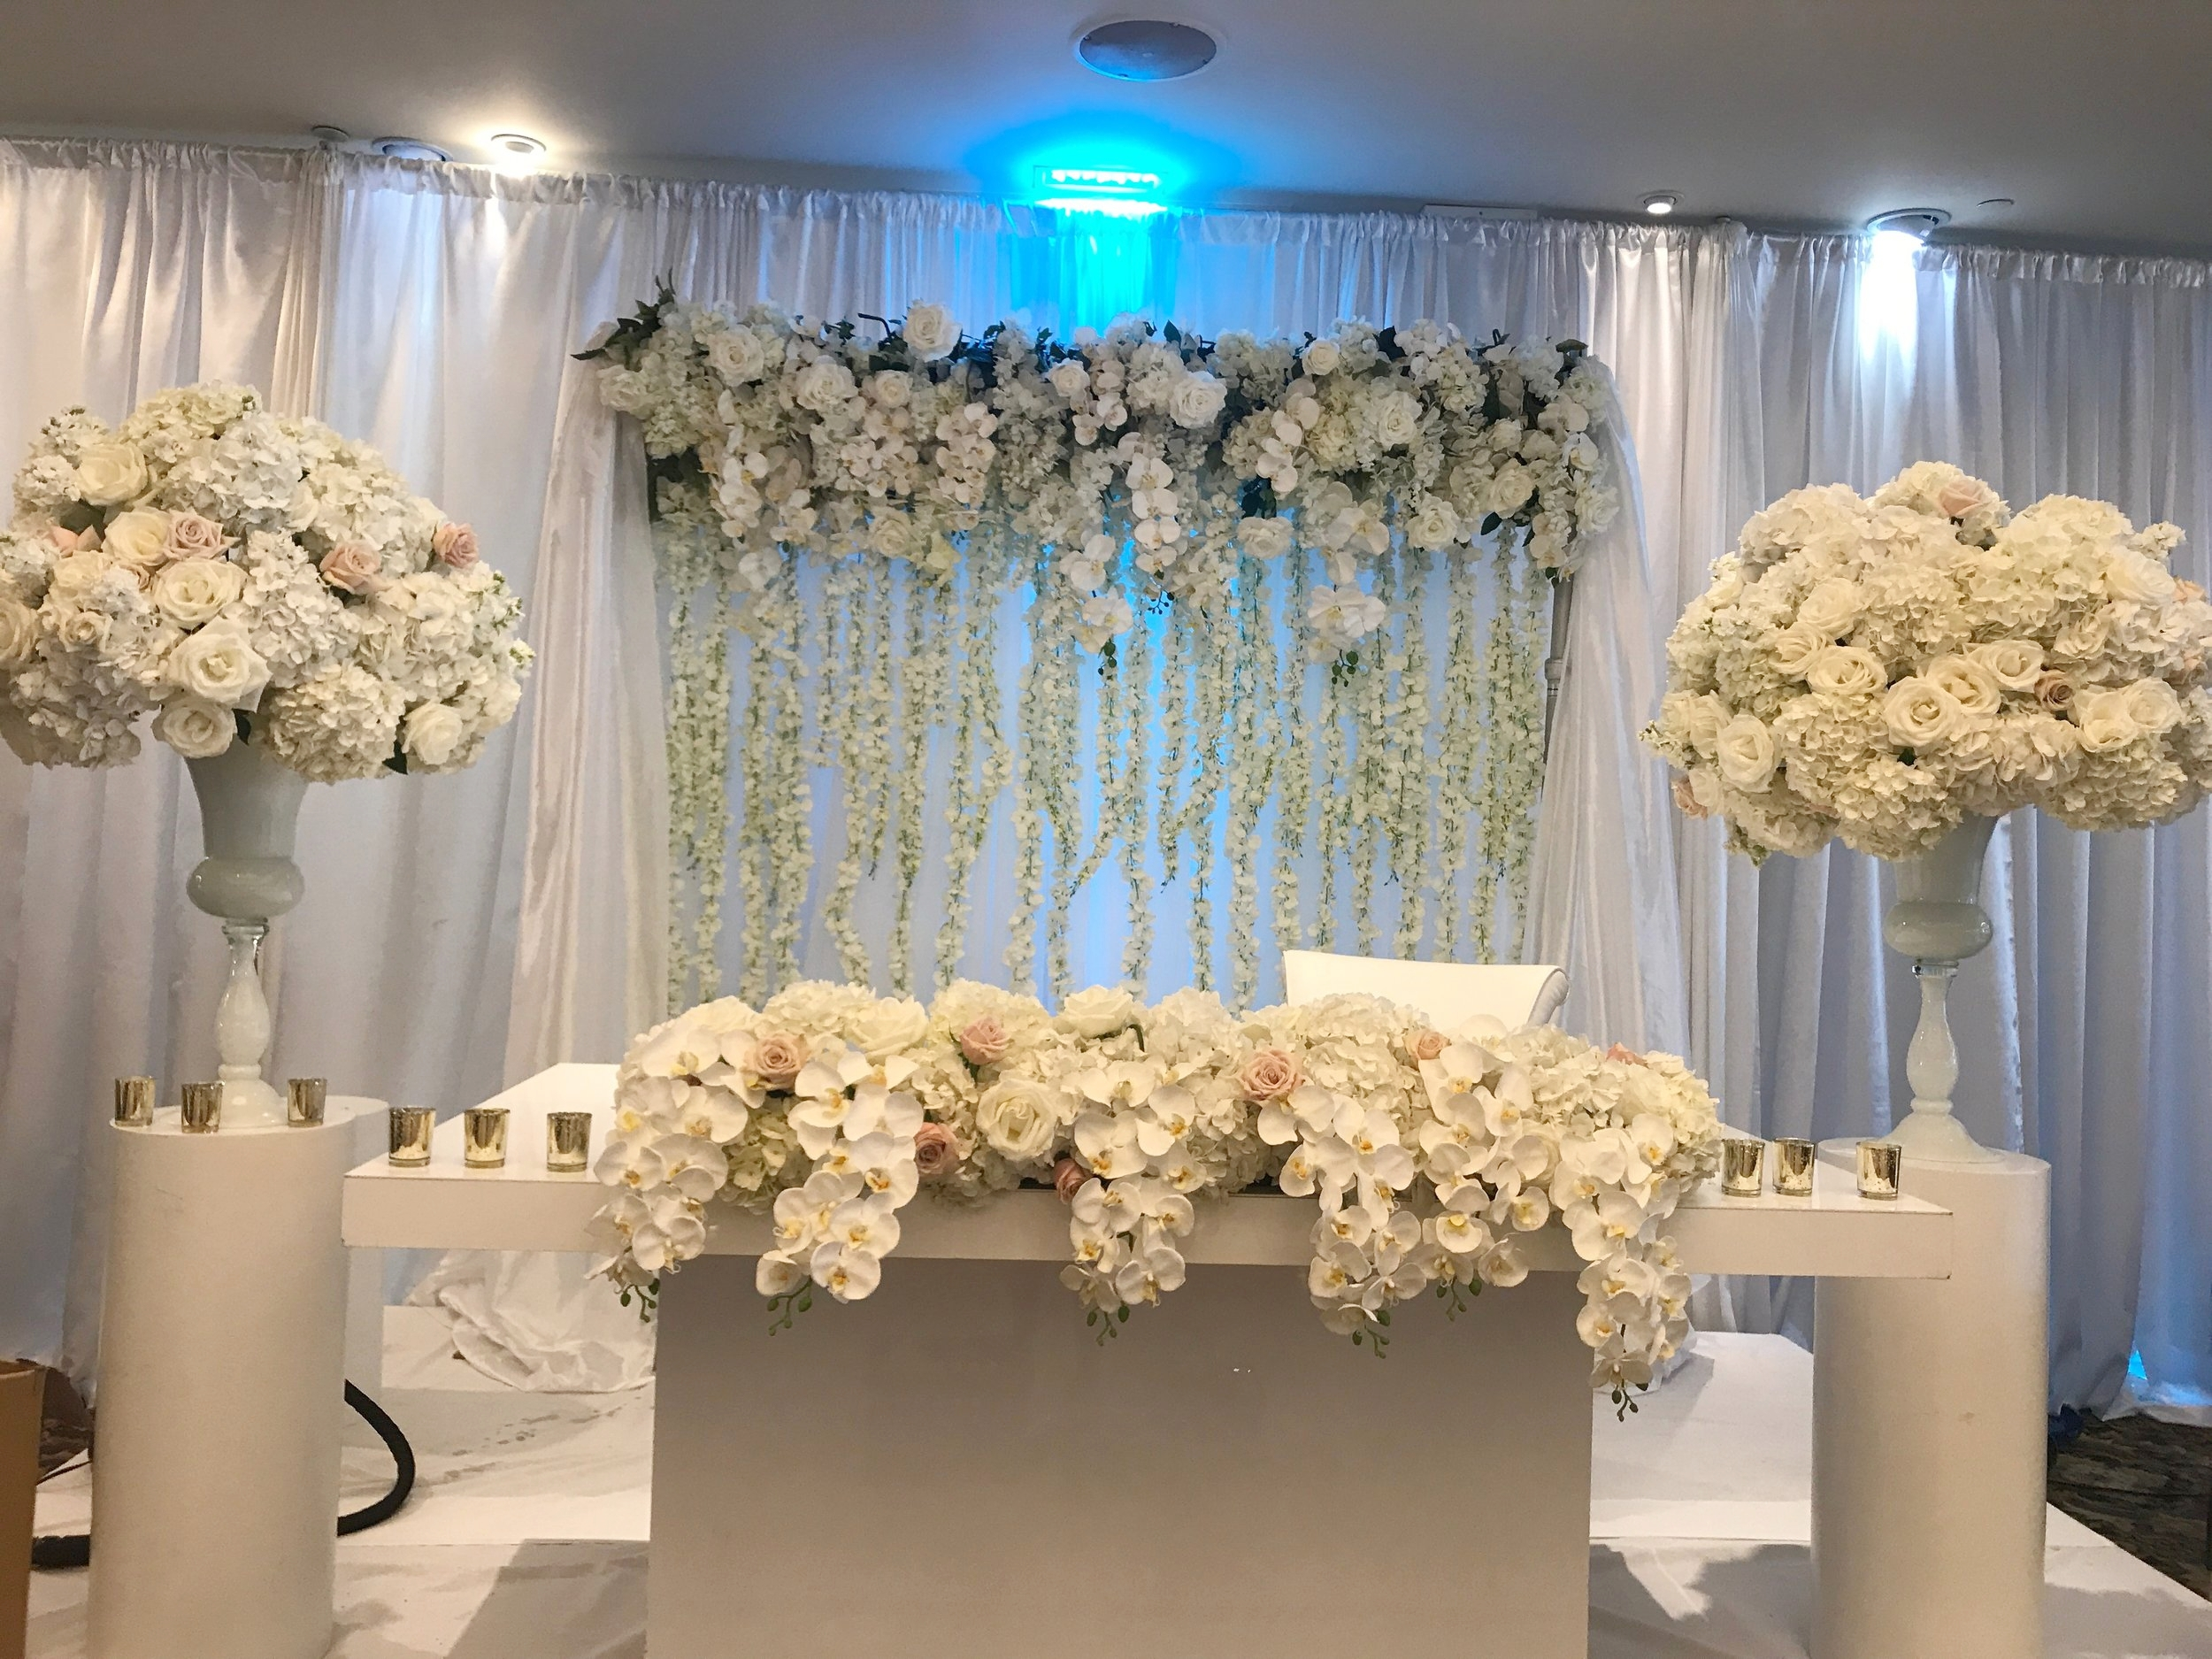 Evelisa Floral & Design: Sweetheart design